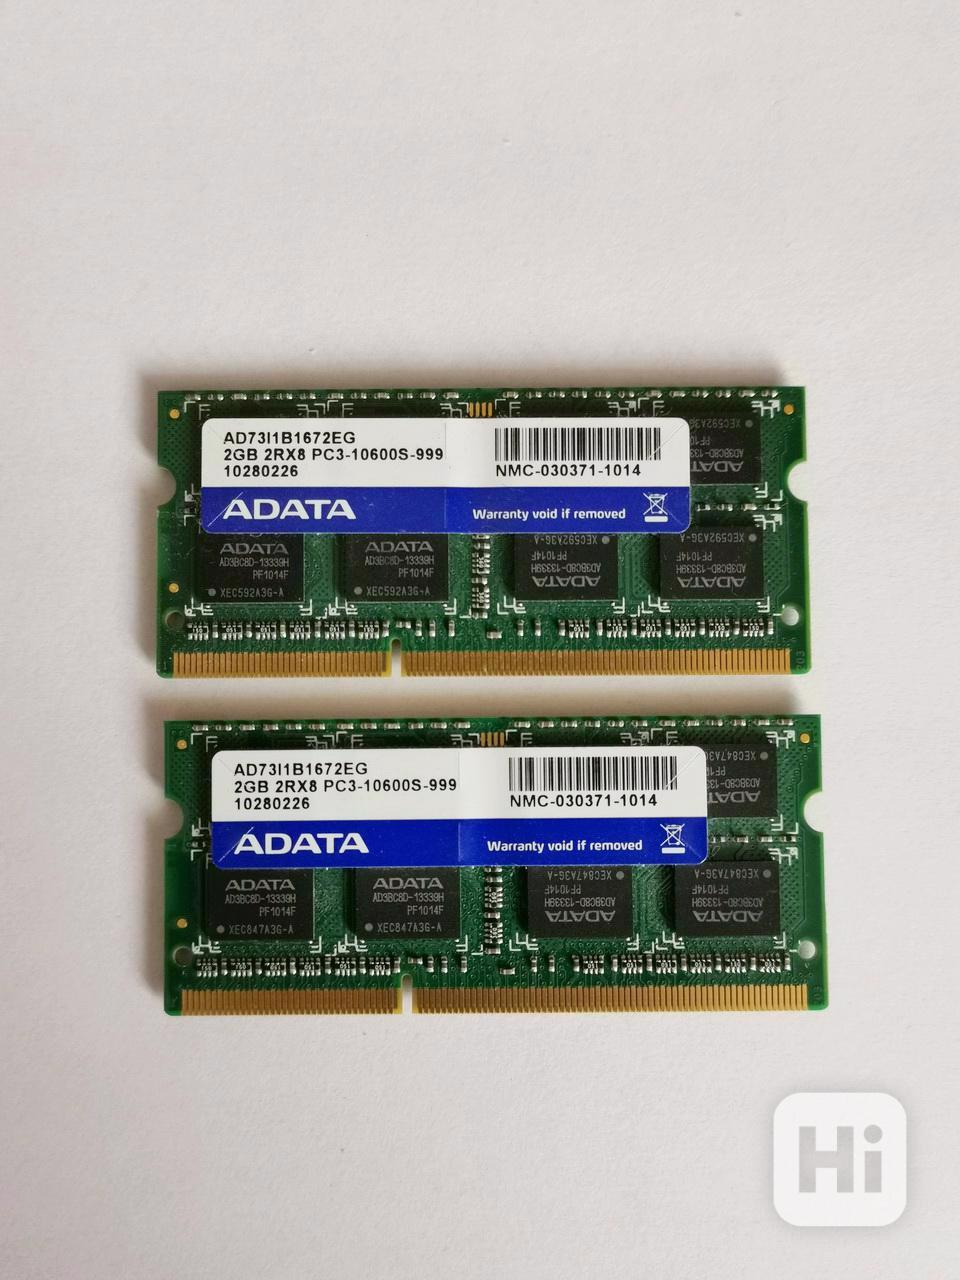 2x2GB SODIMM DDR3 PC3-10600 1333MHz 4GB kit paměť - foto 1